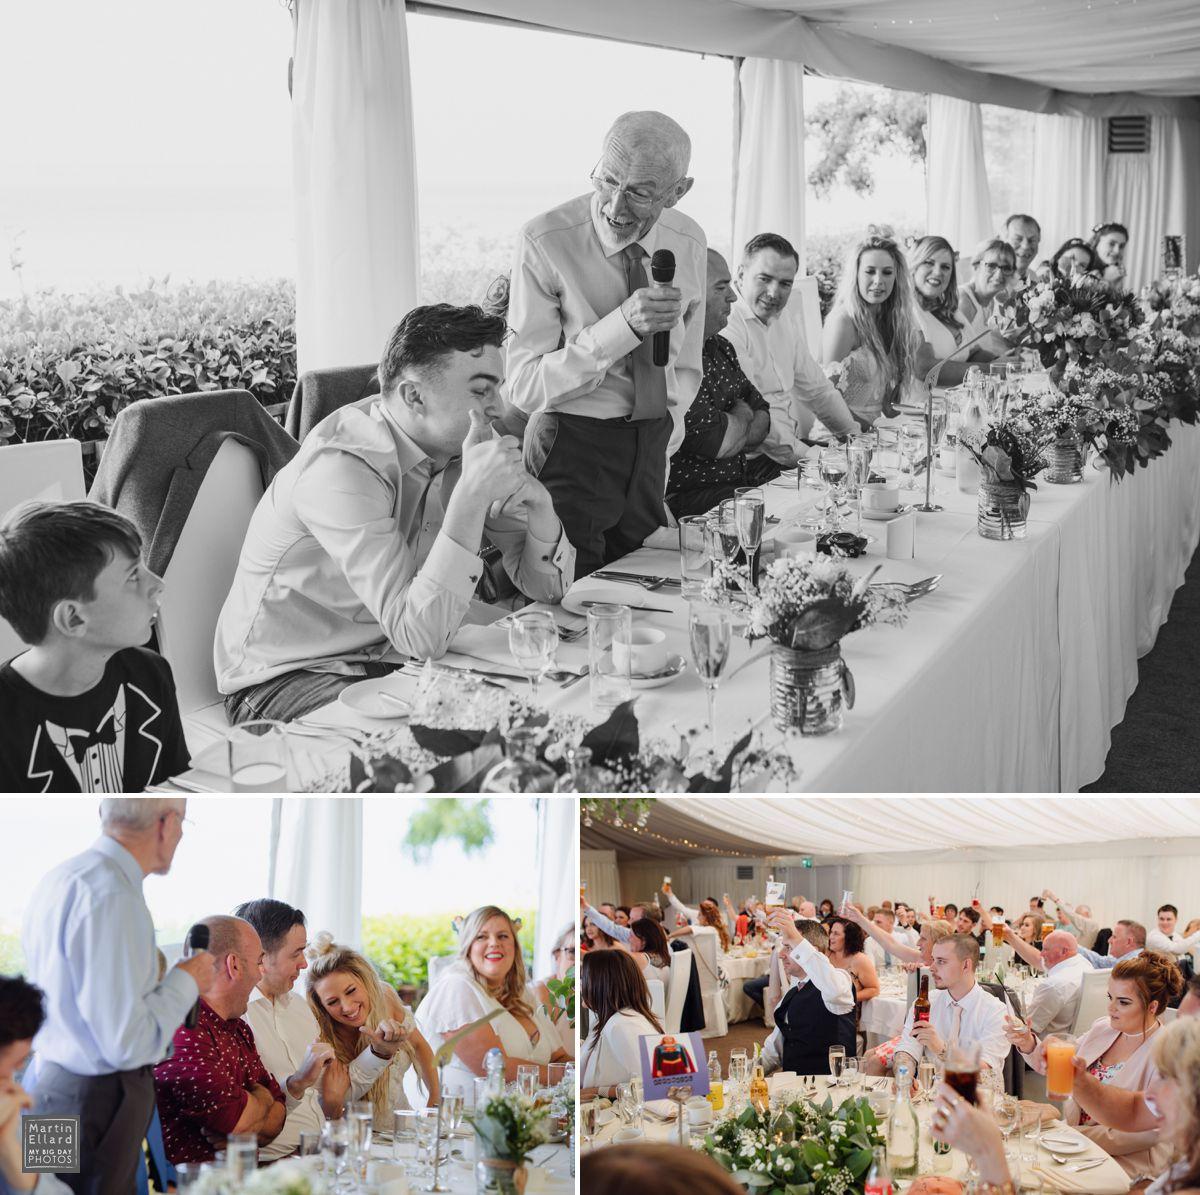 Oxwich wedding speeches